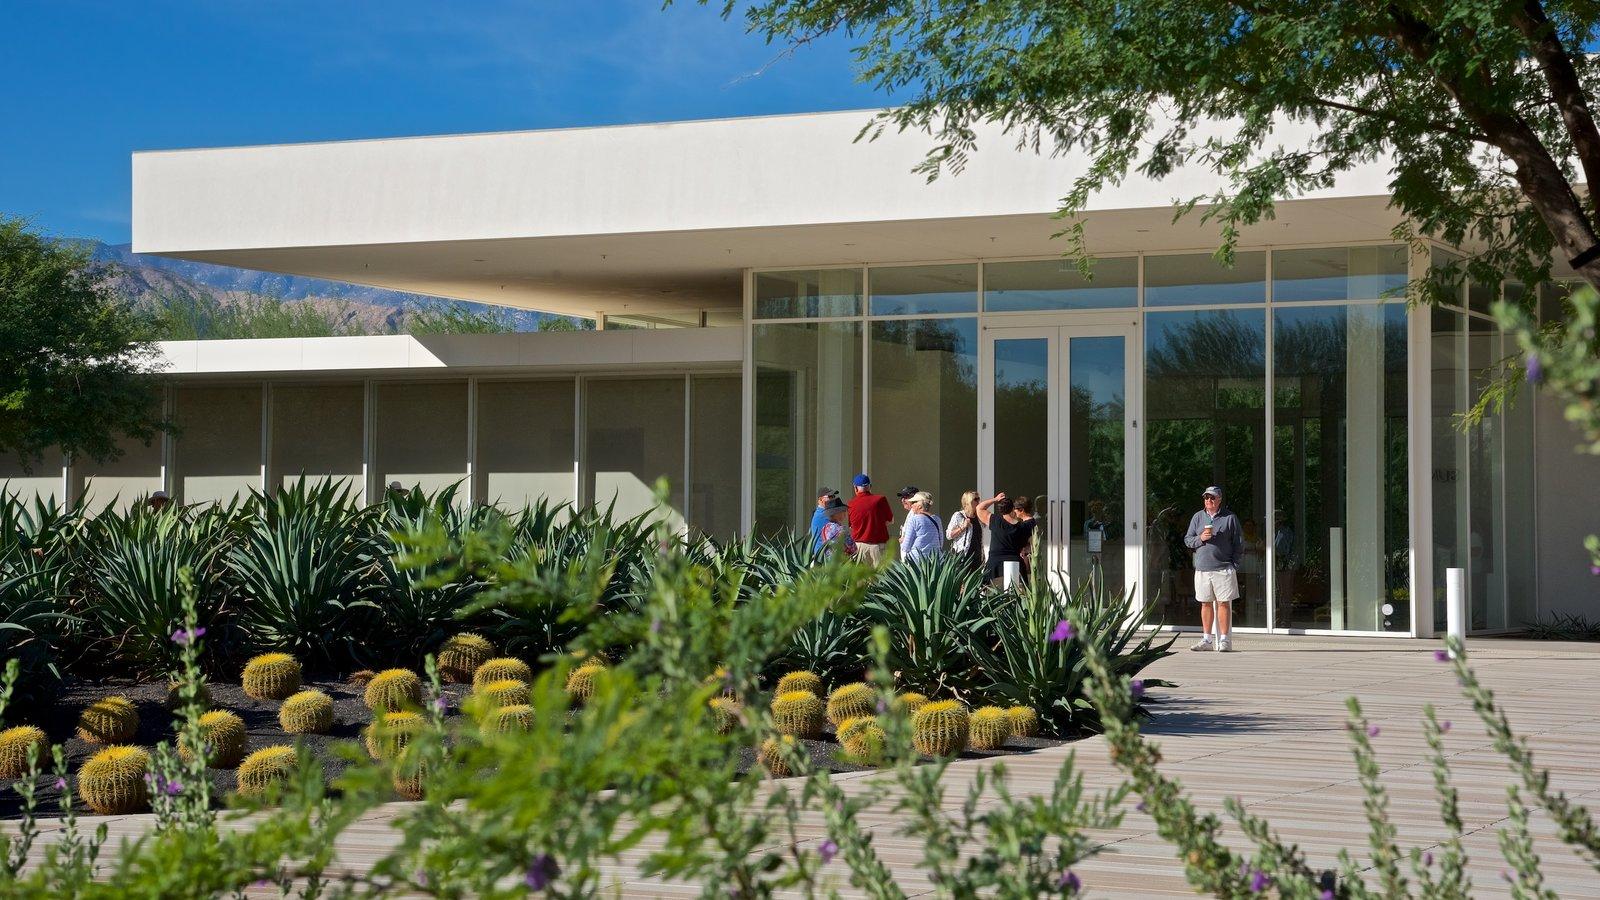 Centro Sunnylands y jardines que incluye un jardín y también un pequeño grupo de personas